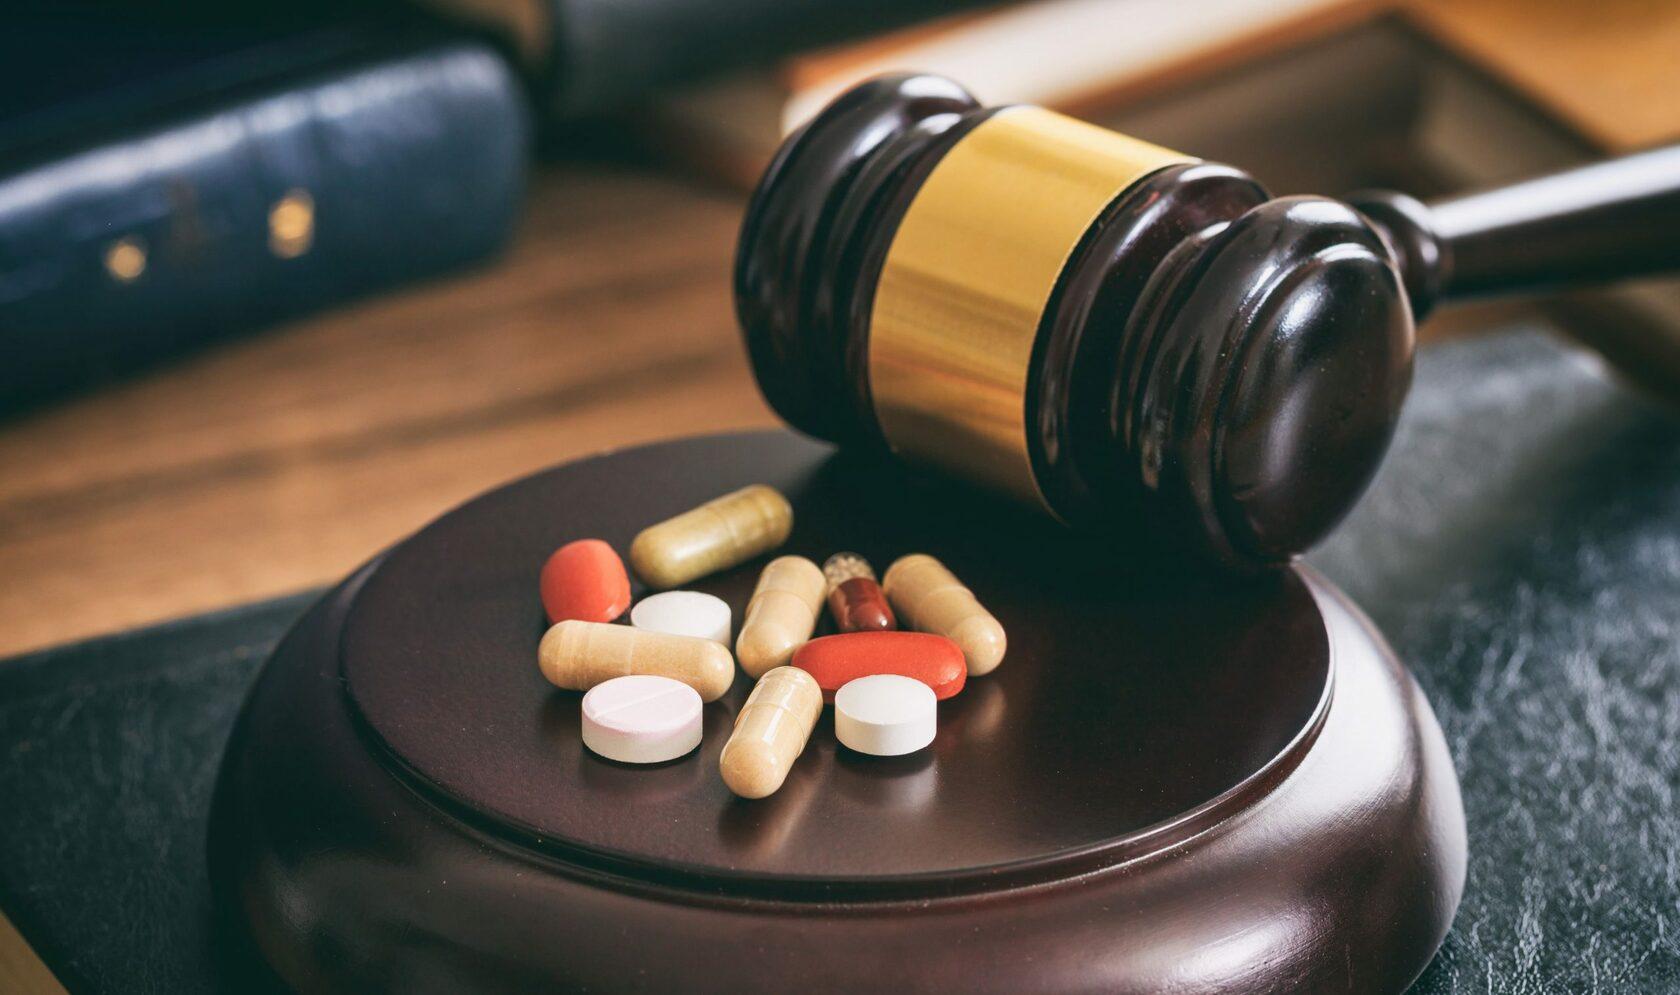 Верховный Суд пояснил, что может свидетельствовать об умысле на сбыт наркотических средств, психотропных веществ или их аналогов